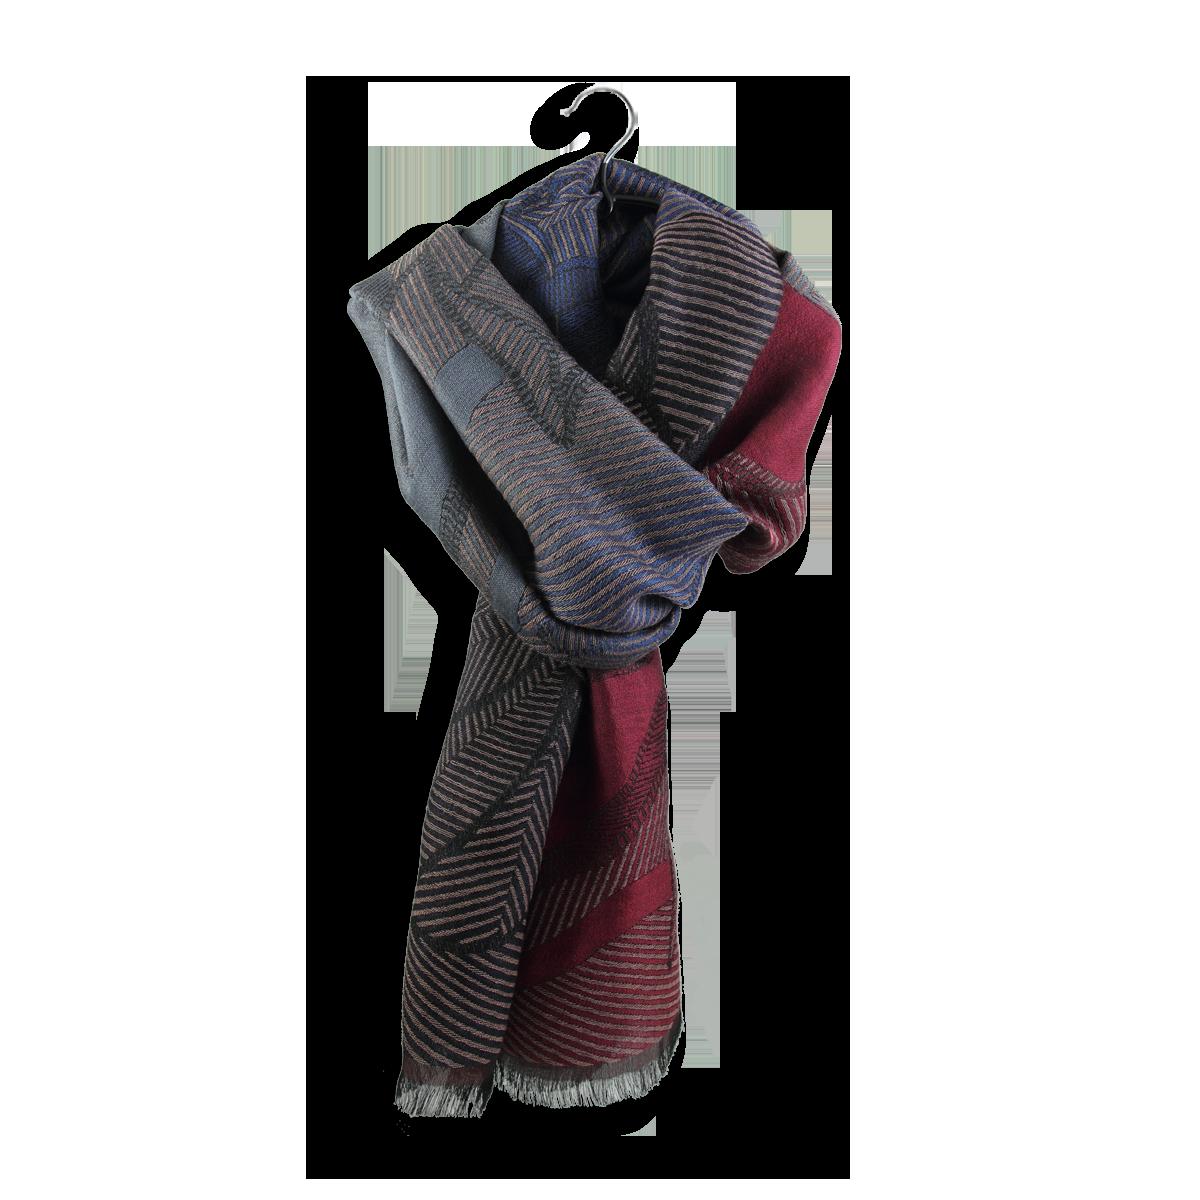 6ed394058aba Etole Femme tissée en laine, coton et soie de couleur rose, bleu ...